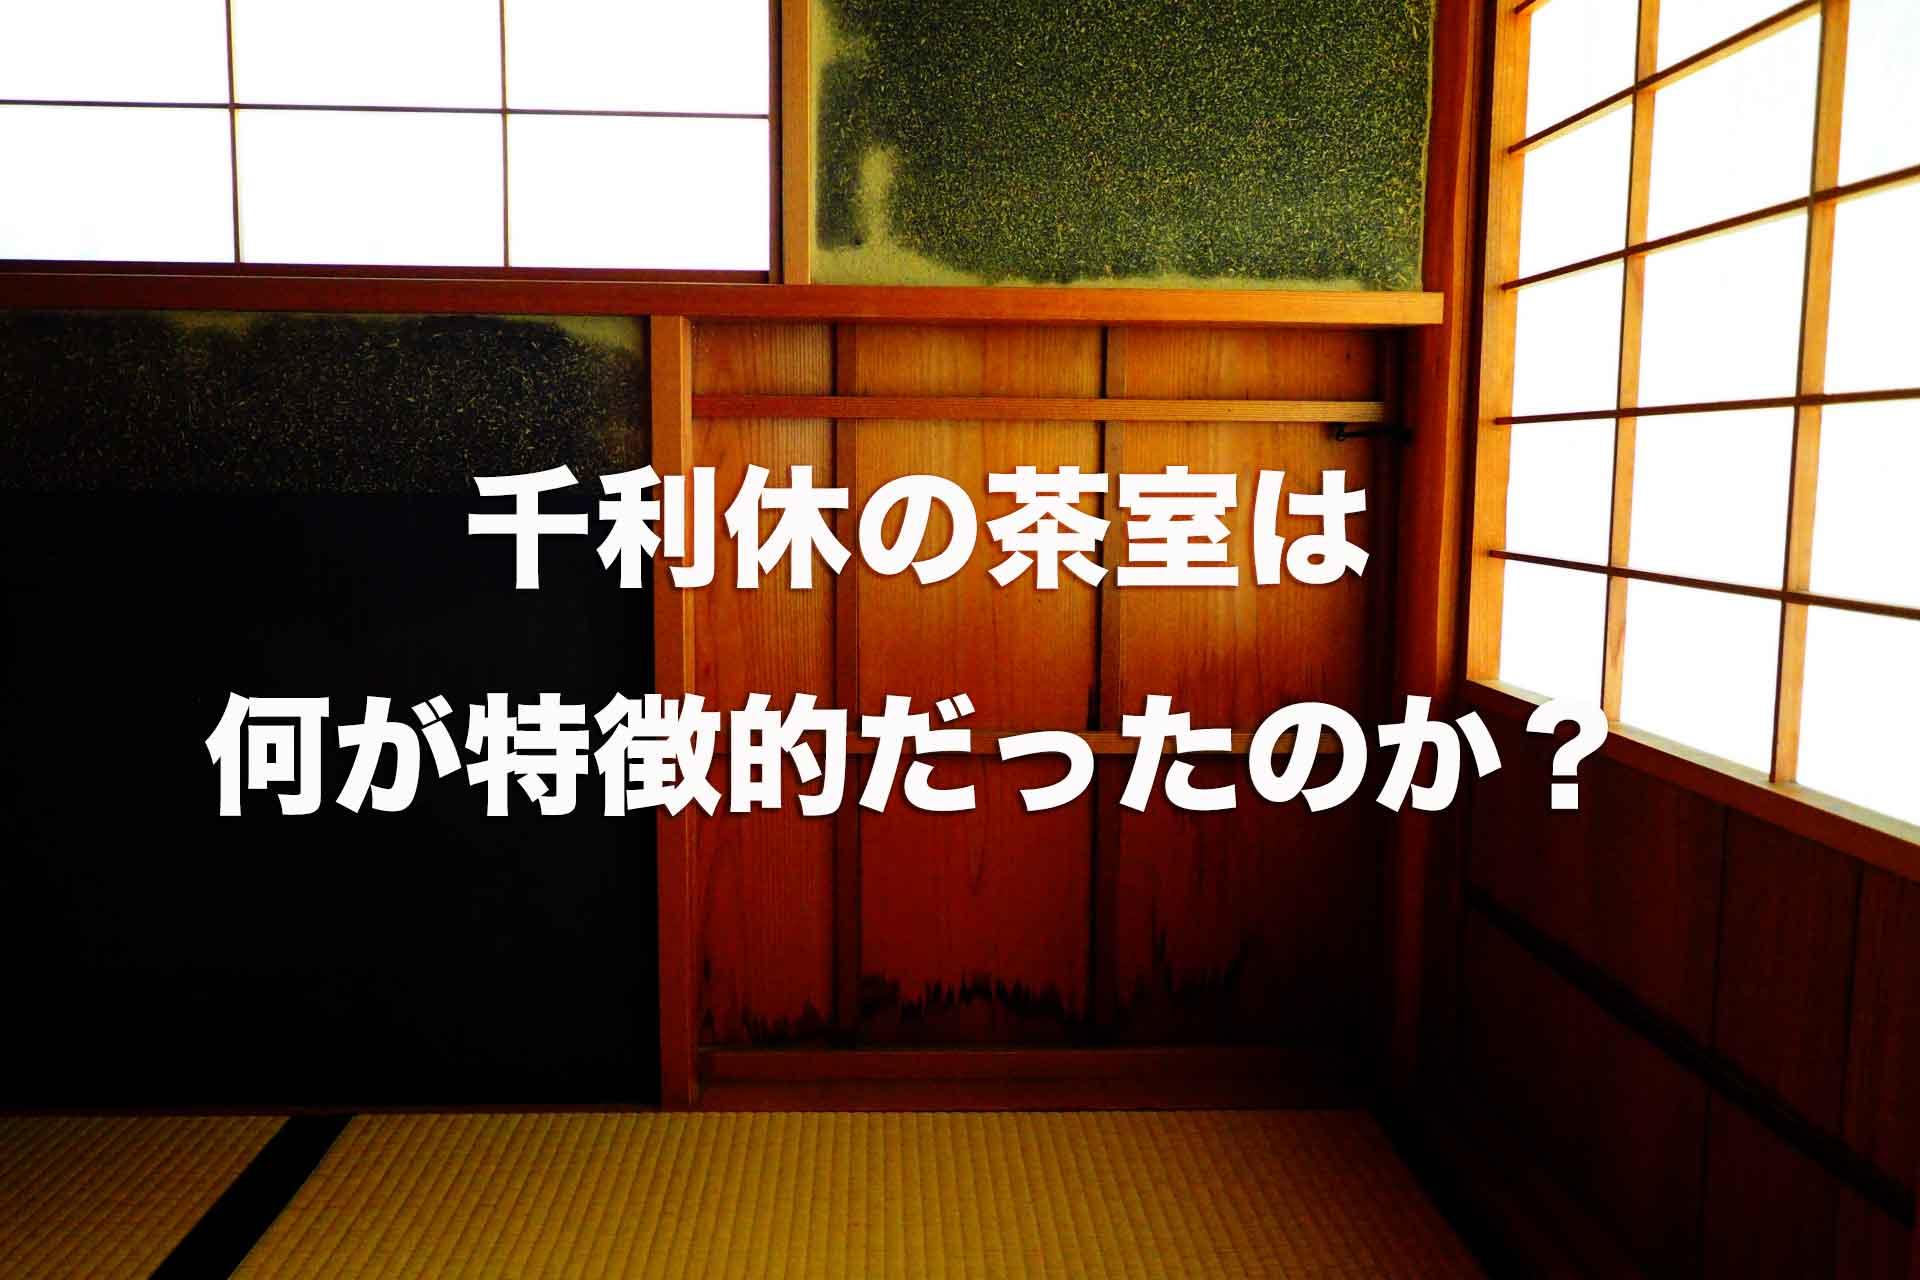 千利休の茶室「待庵」国宝として現存する千利休の茶室は何が特徴的なのか?